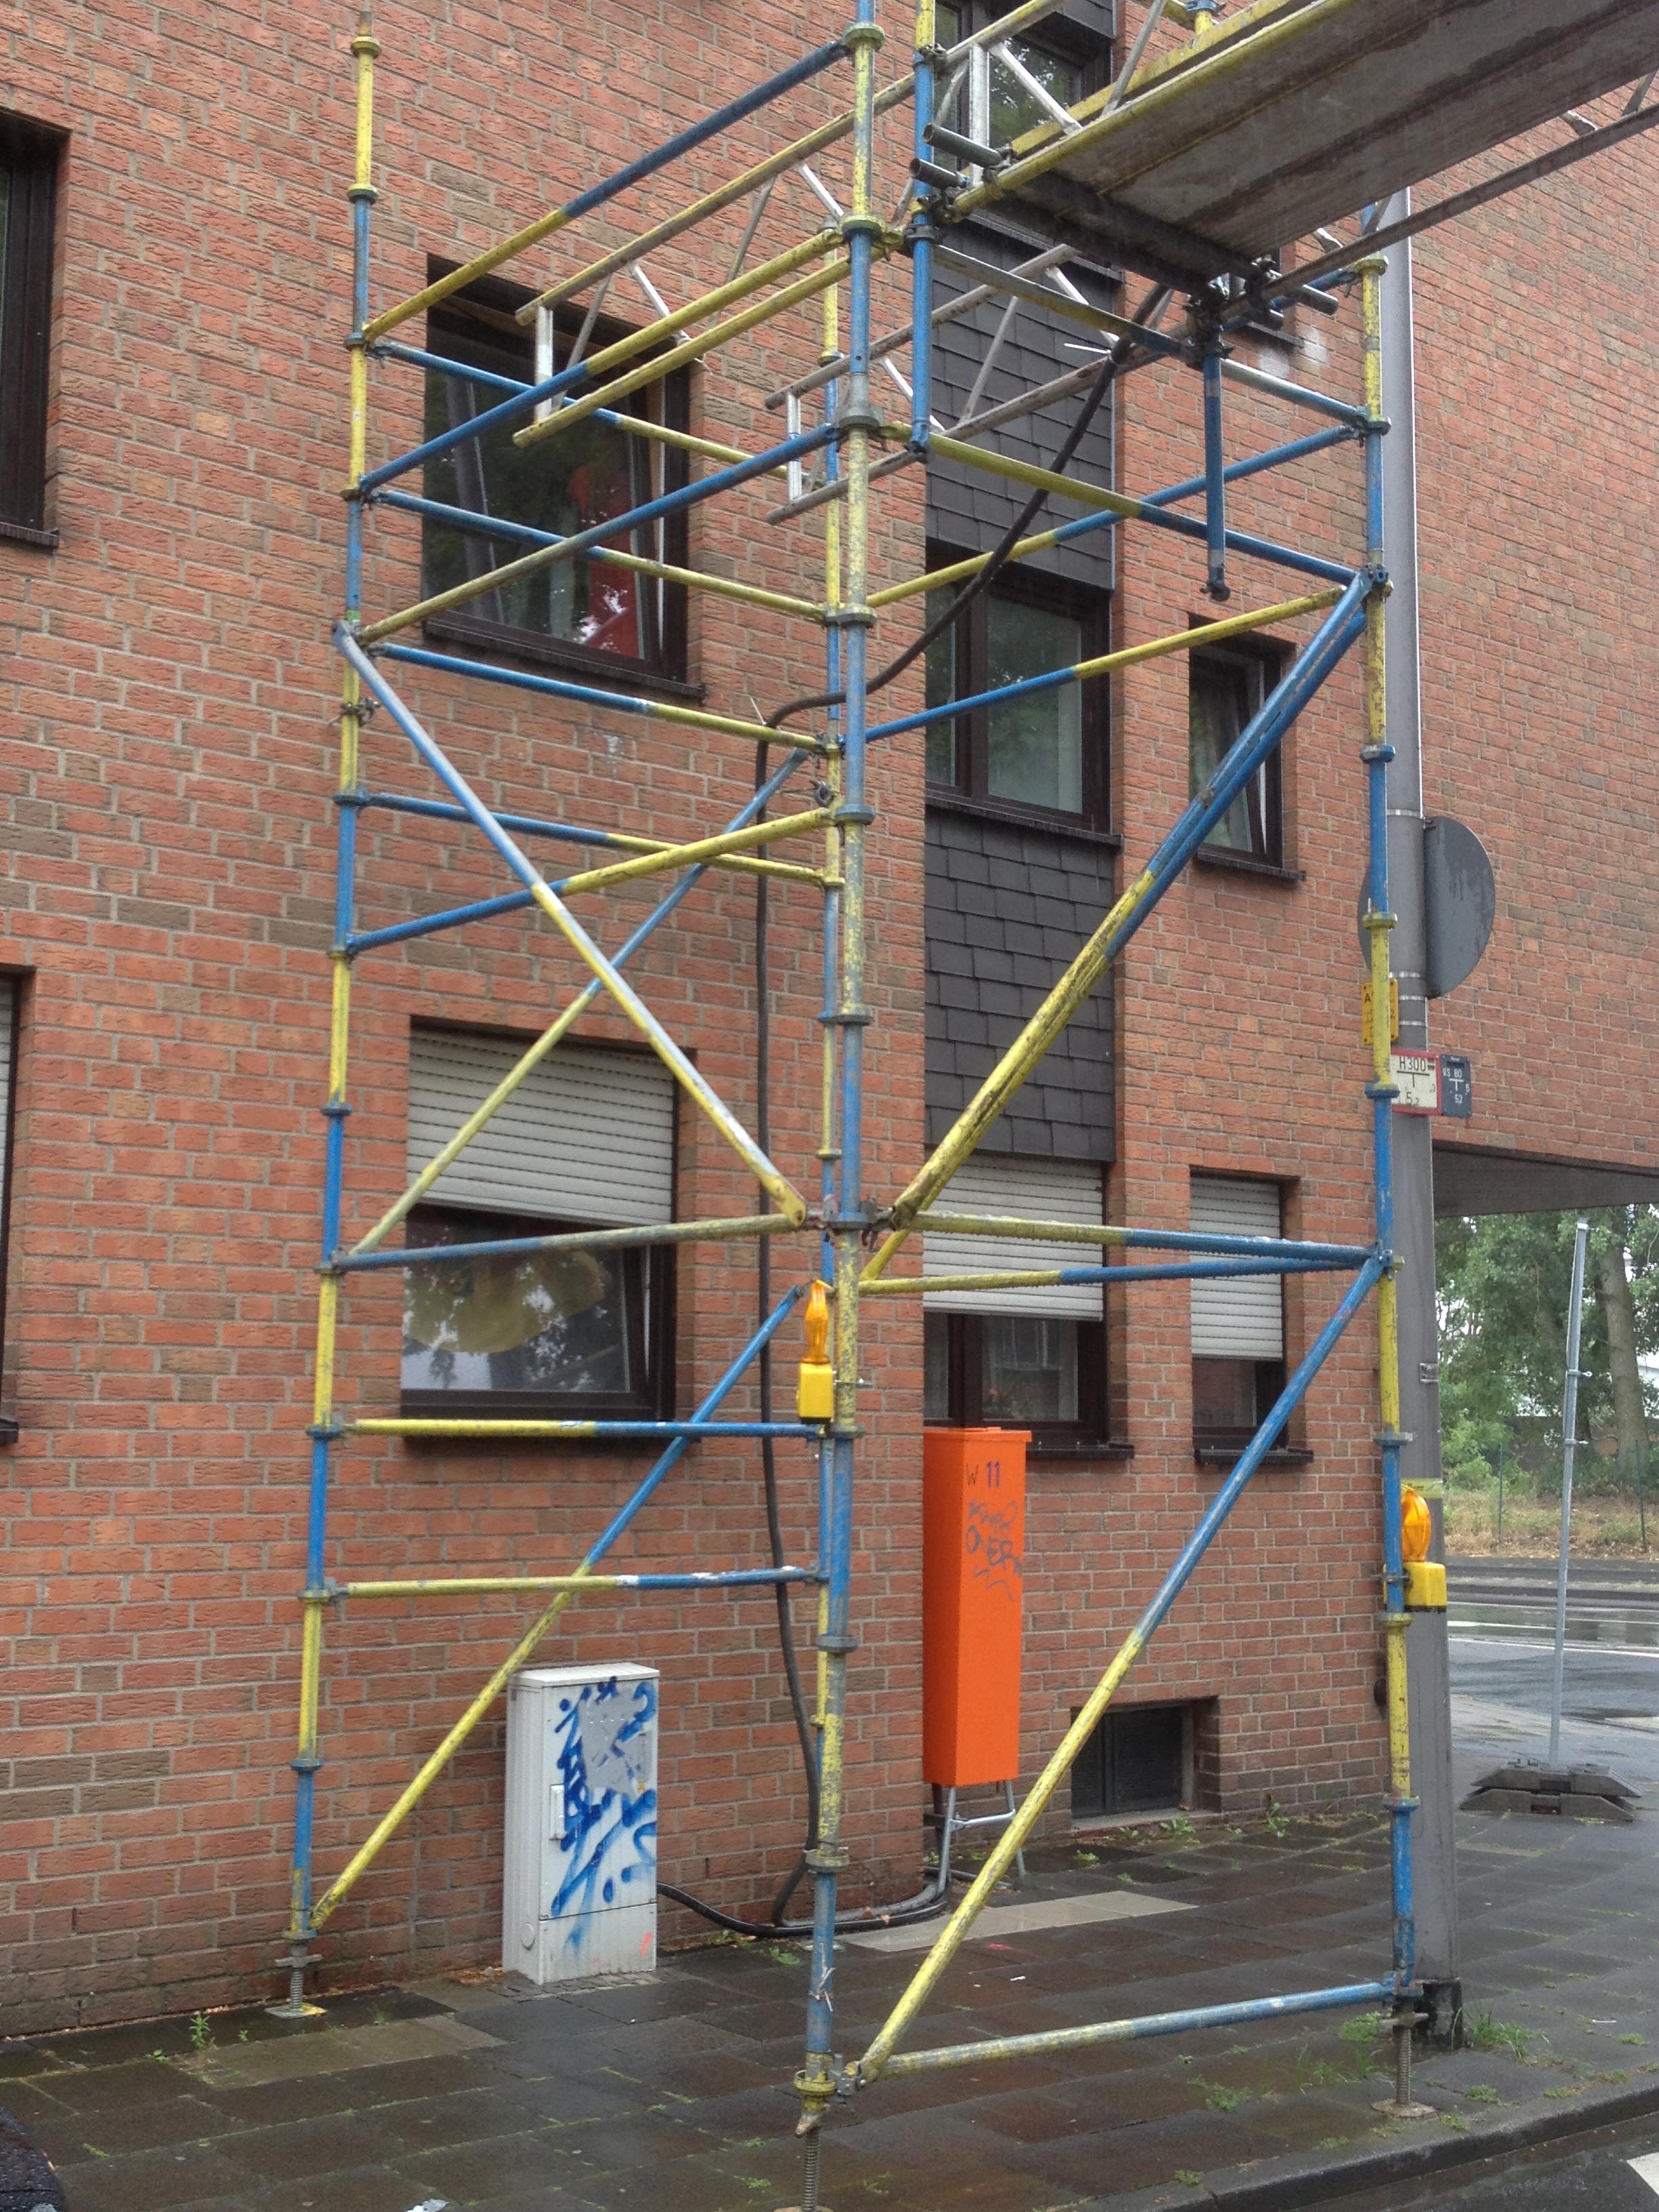 Kabelbrücke mieten in Herne – z.B. für Baustromleitung über eine Straße